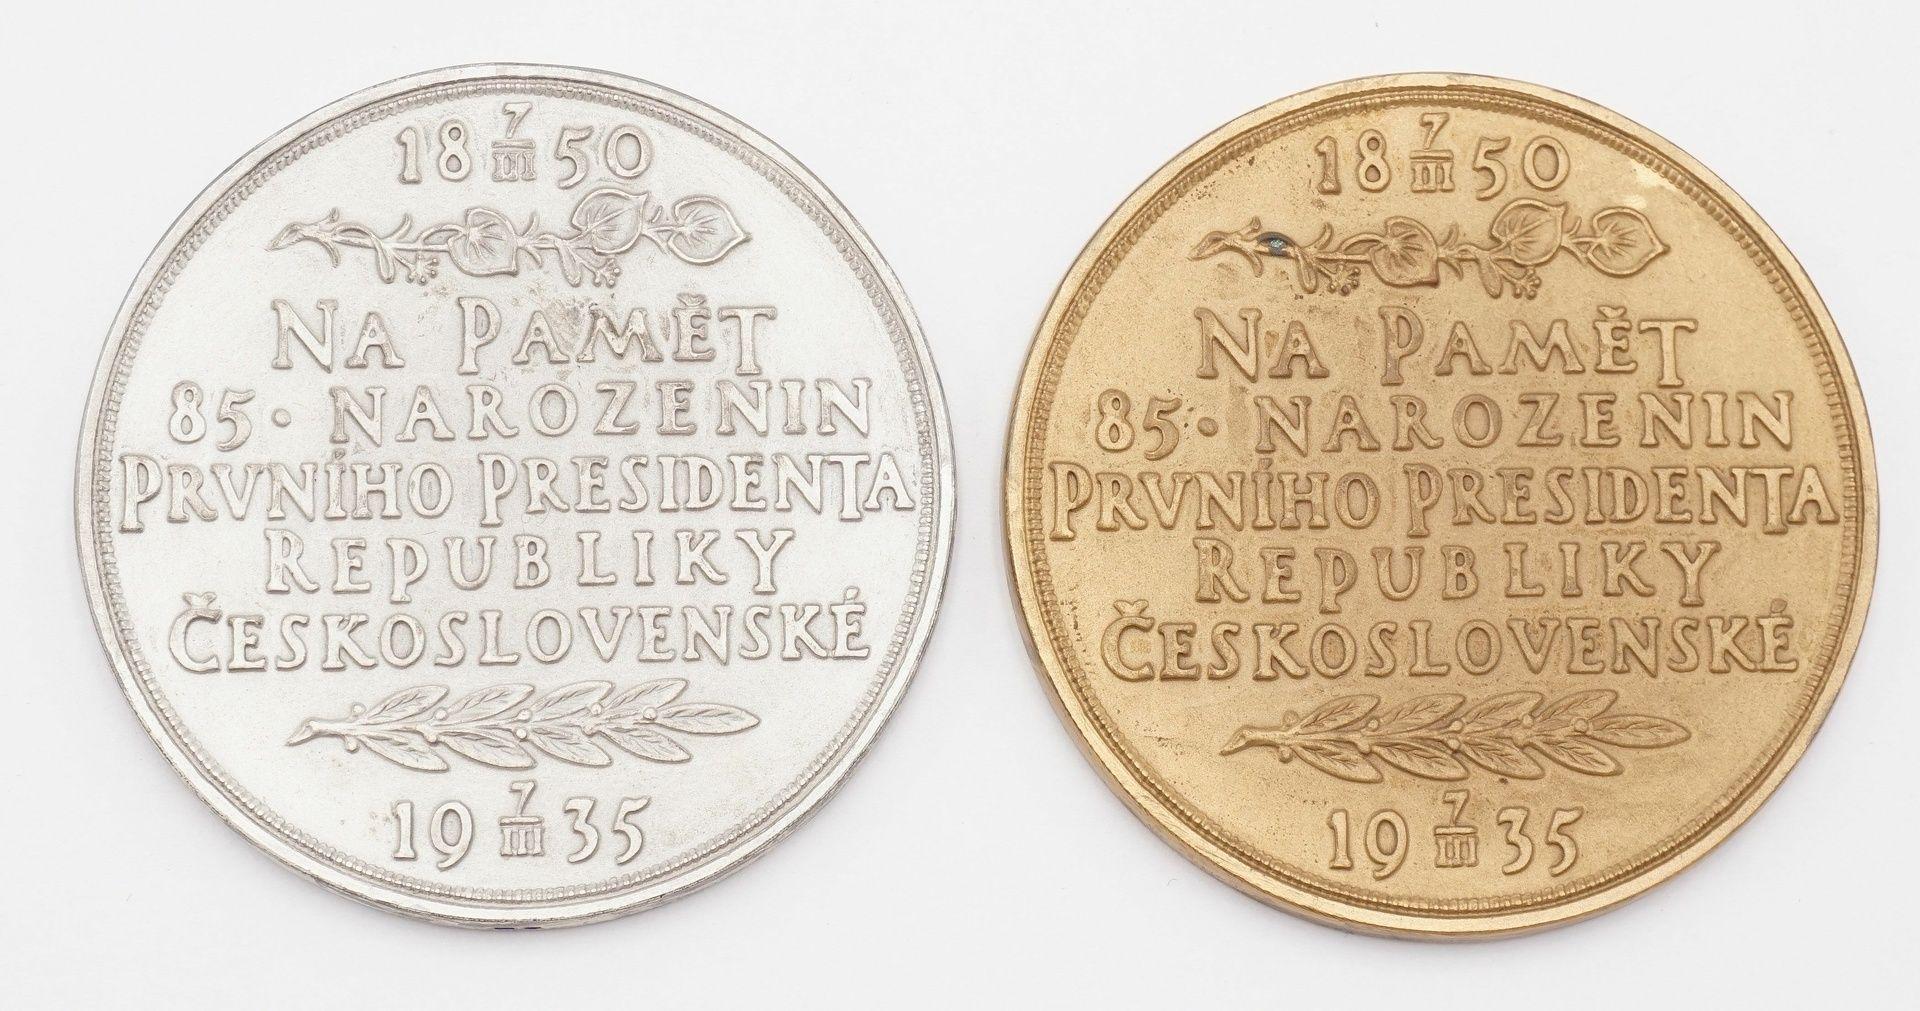 Zwei Medaillen zum Gedenken an Tomáš Garrigue Masaryk - Bild 3 aus 3